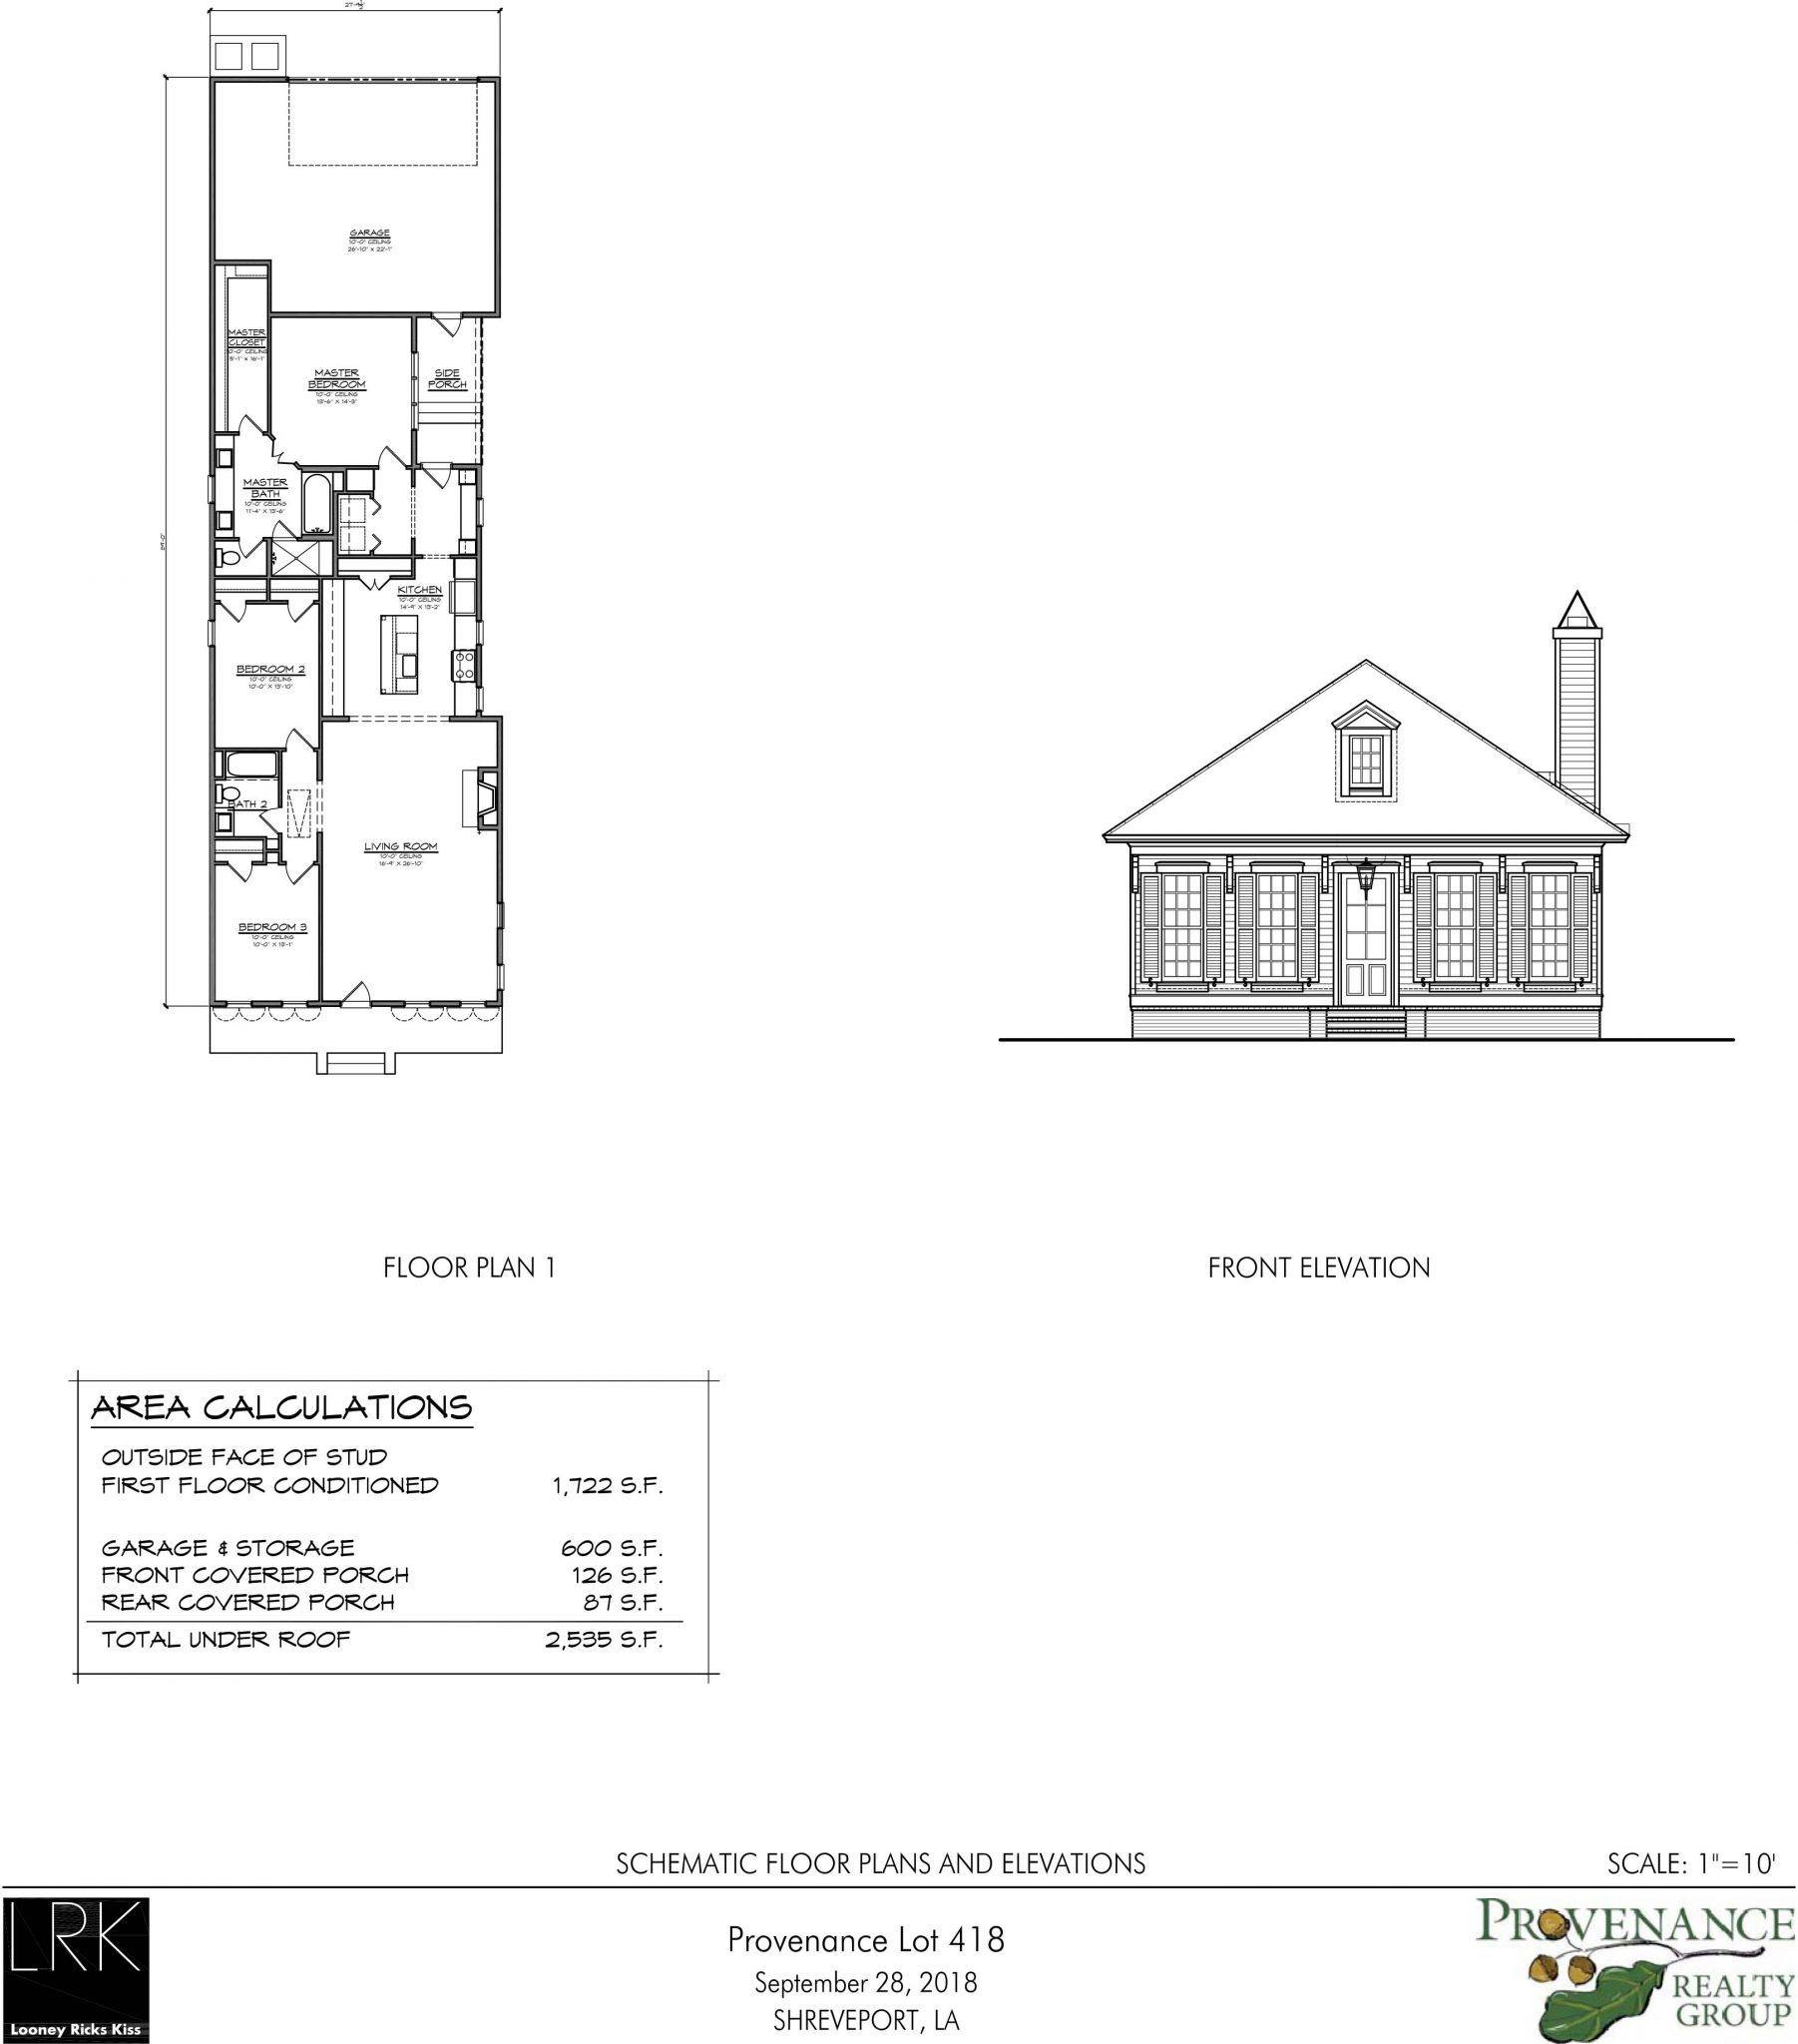 Z:20180000000-Provenance Lot 418DWGCreekside_Marketing Cree ... on new house design plans, floating dock plans, biltmore estate elevation plans, vardo camper plans,